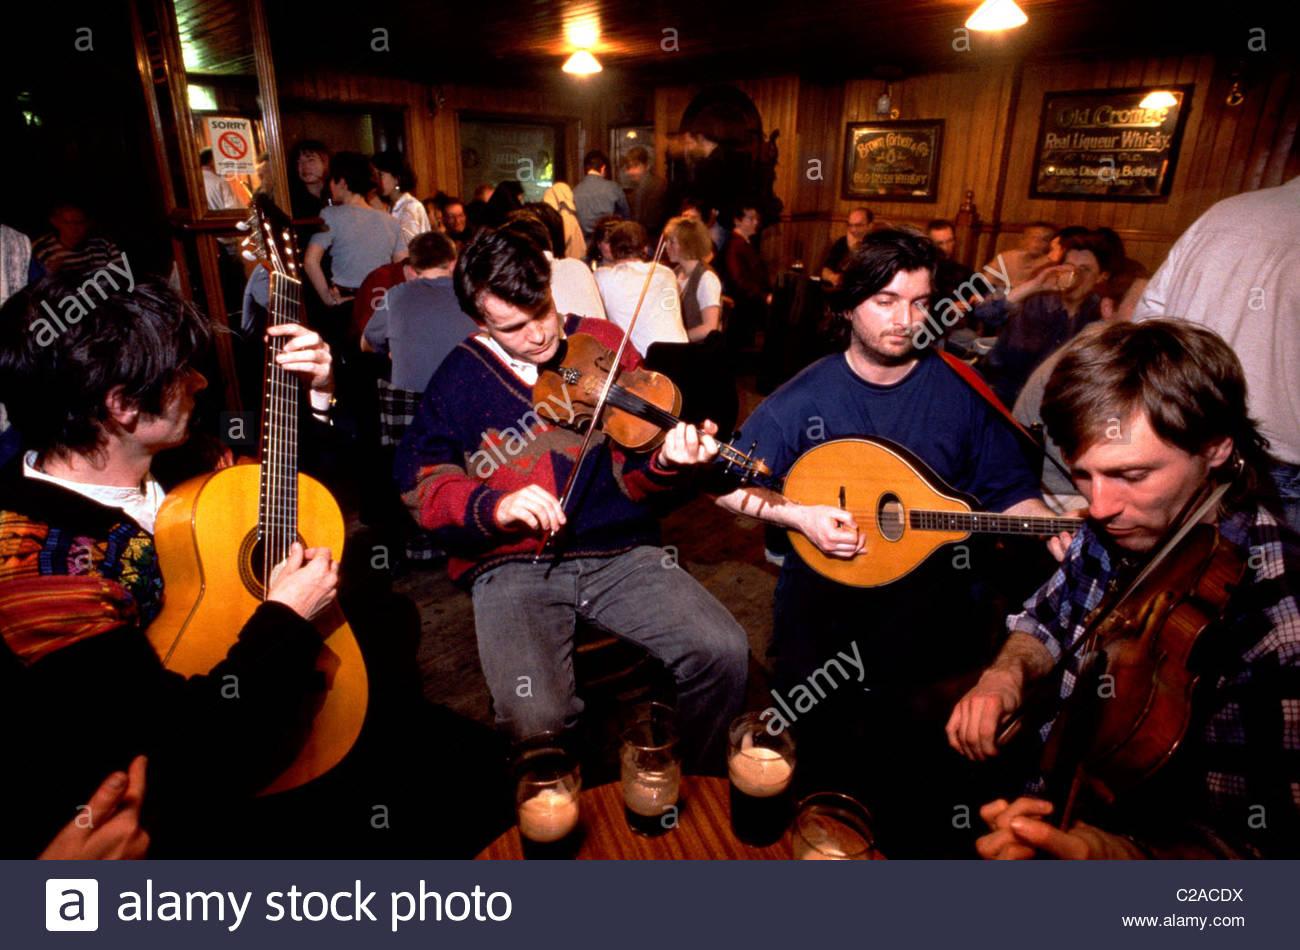 Traditionelle irische Musik Sitzung in Madden Bar, Belfast. Stockbild